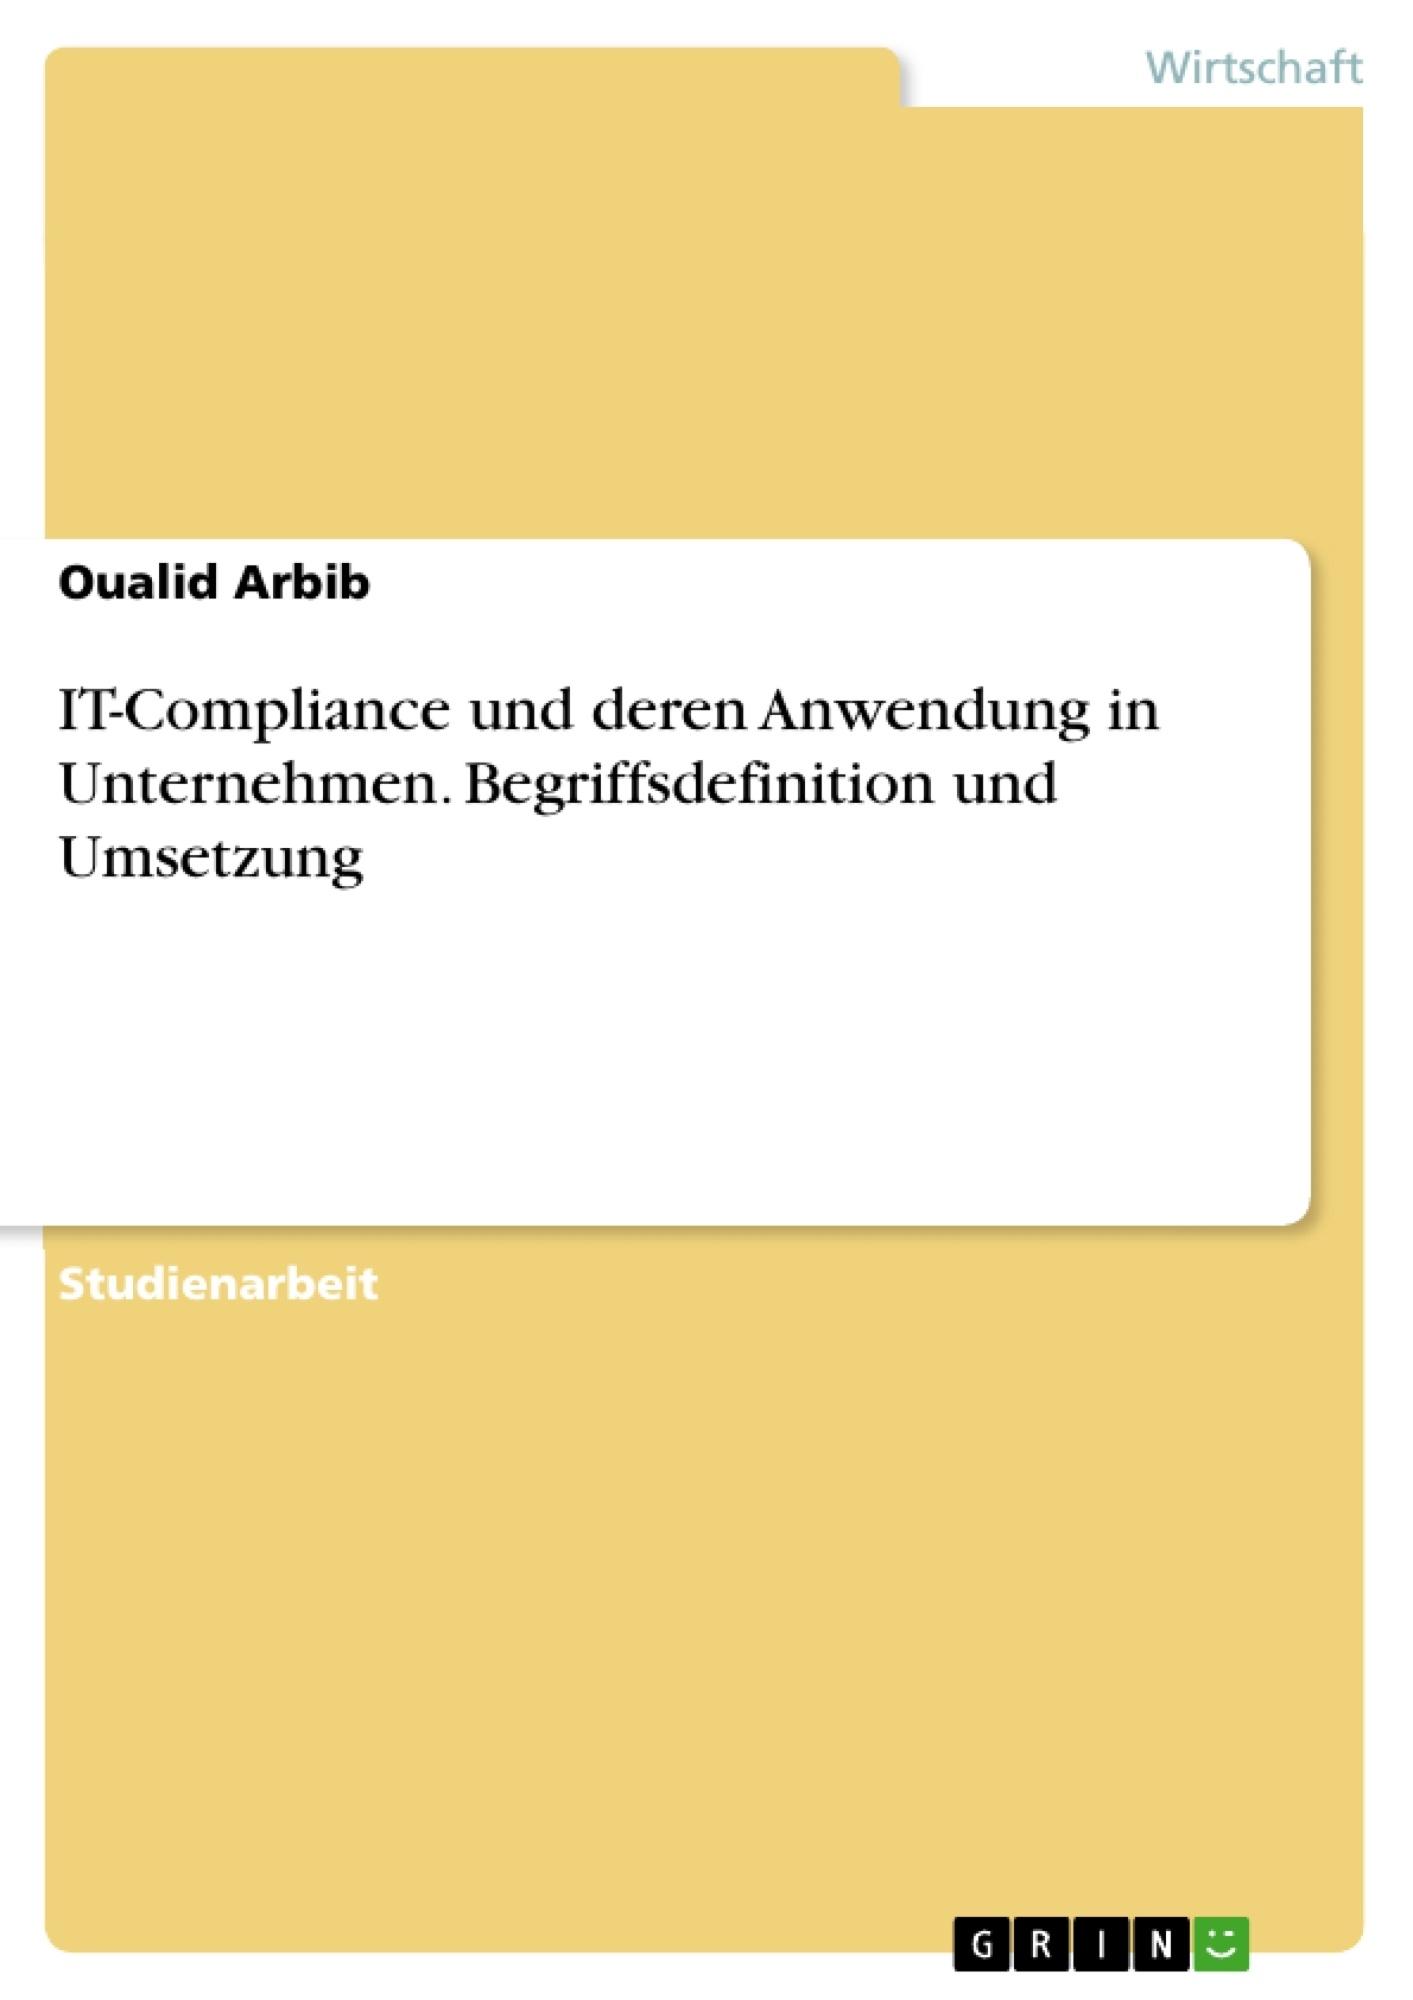 Titel: IT-Compliance und deren Anwendung in Unternehmen. Begriffsdefinition und Umsetzung